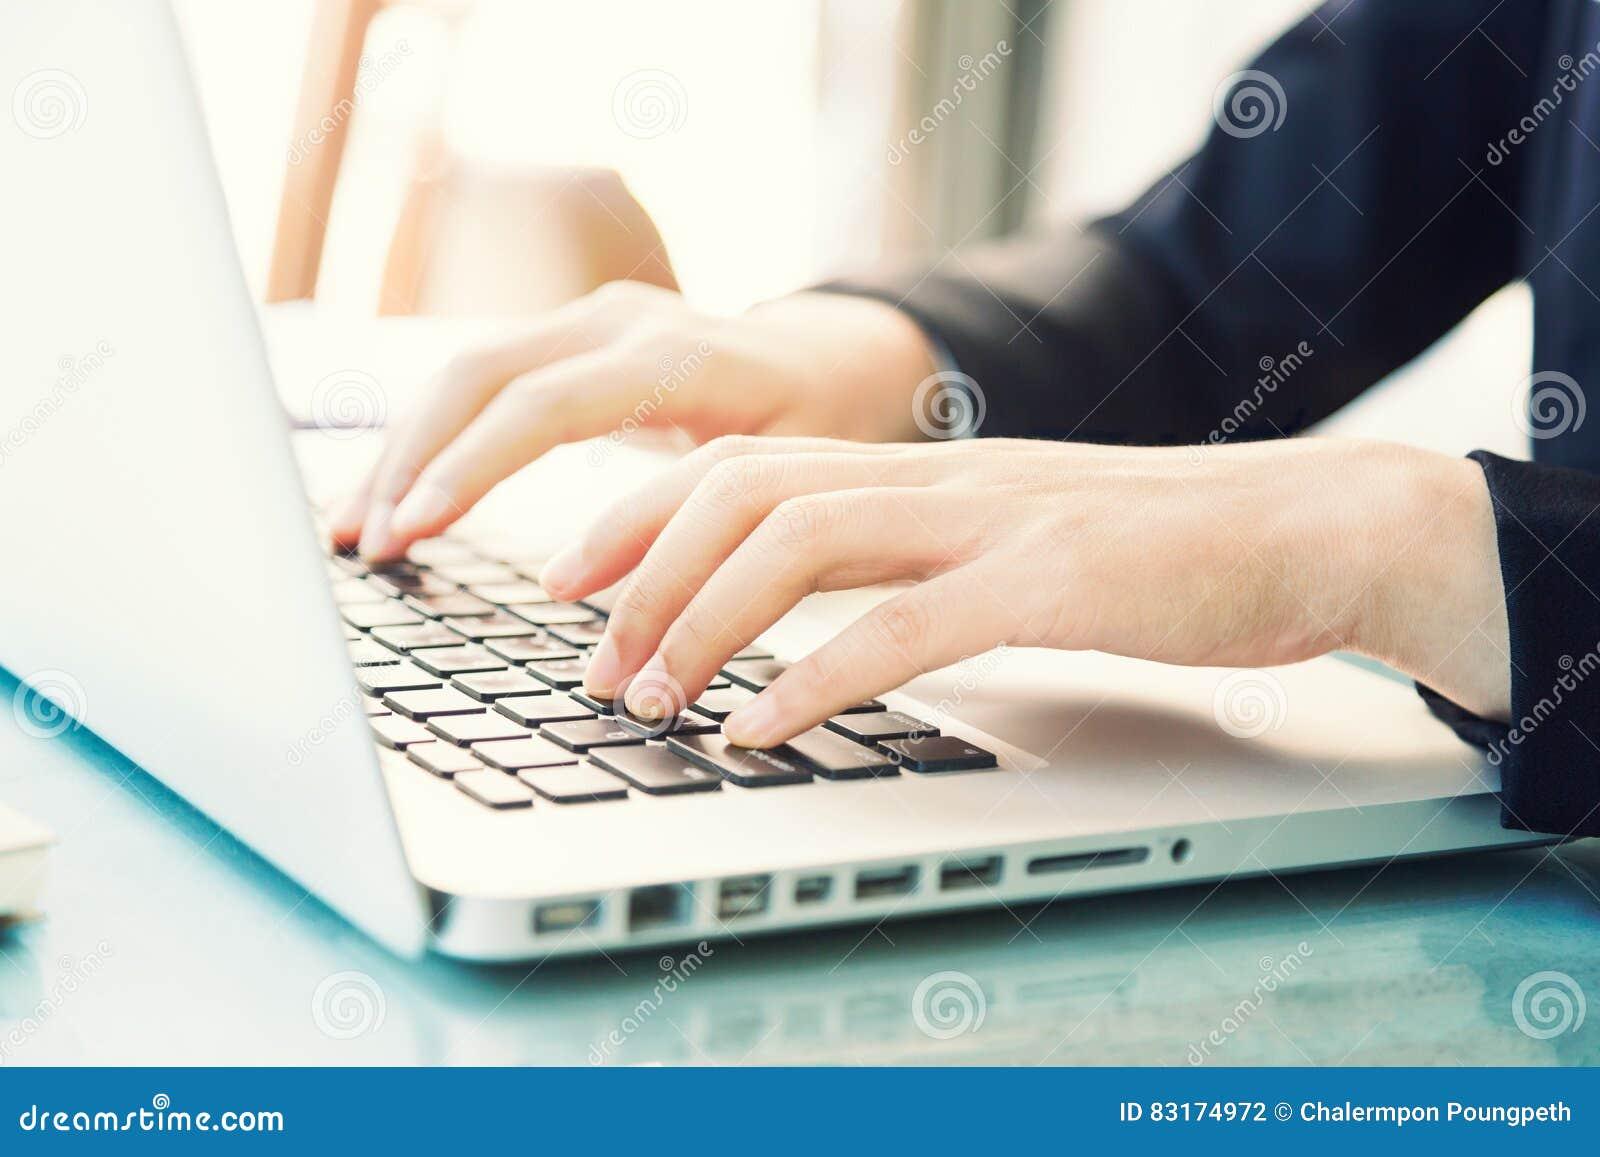 键入在键盘的女商人的女性手